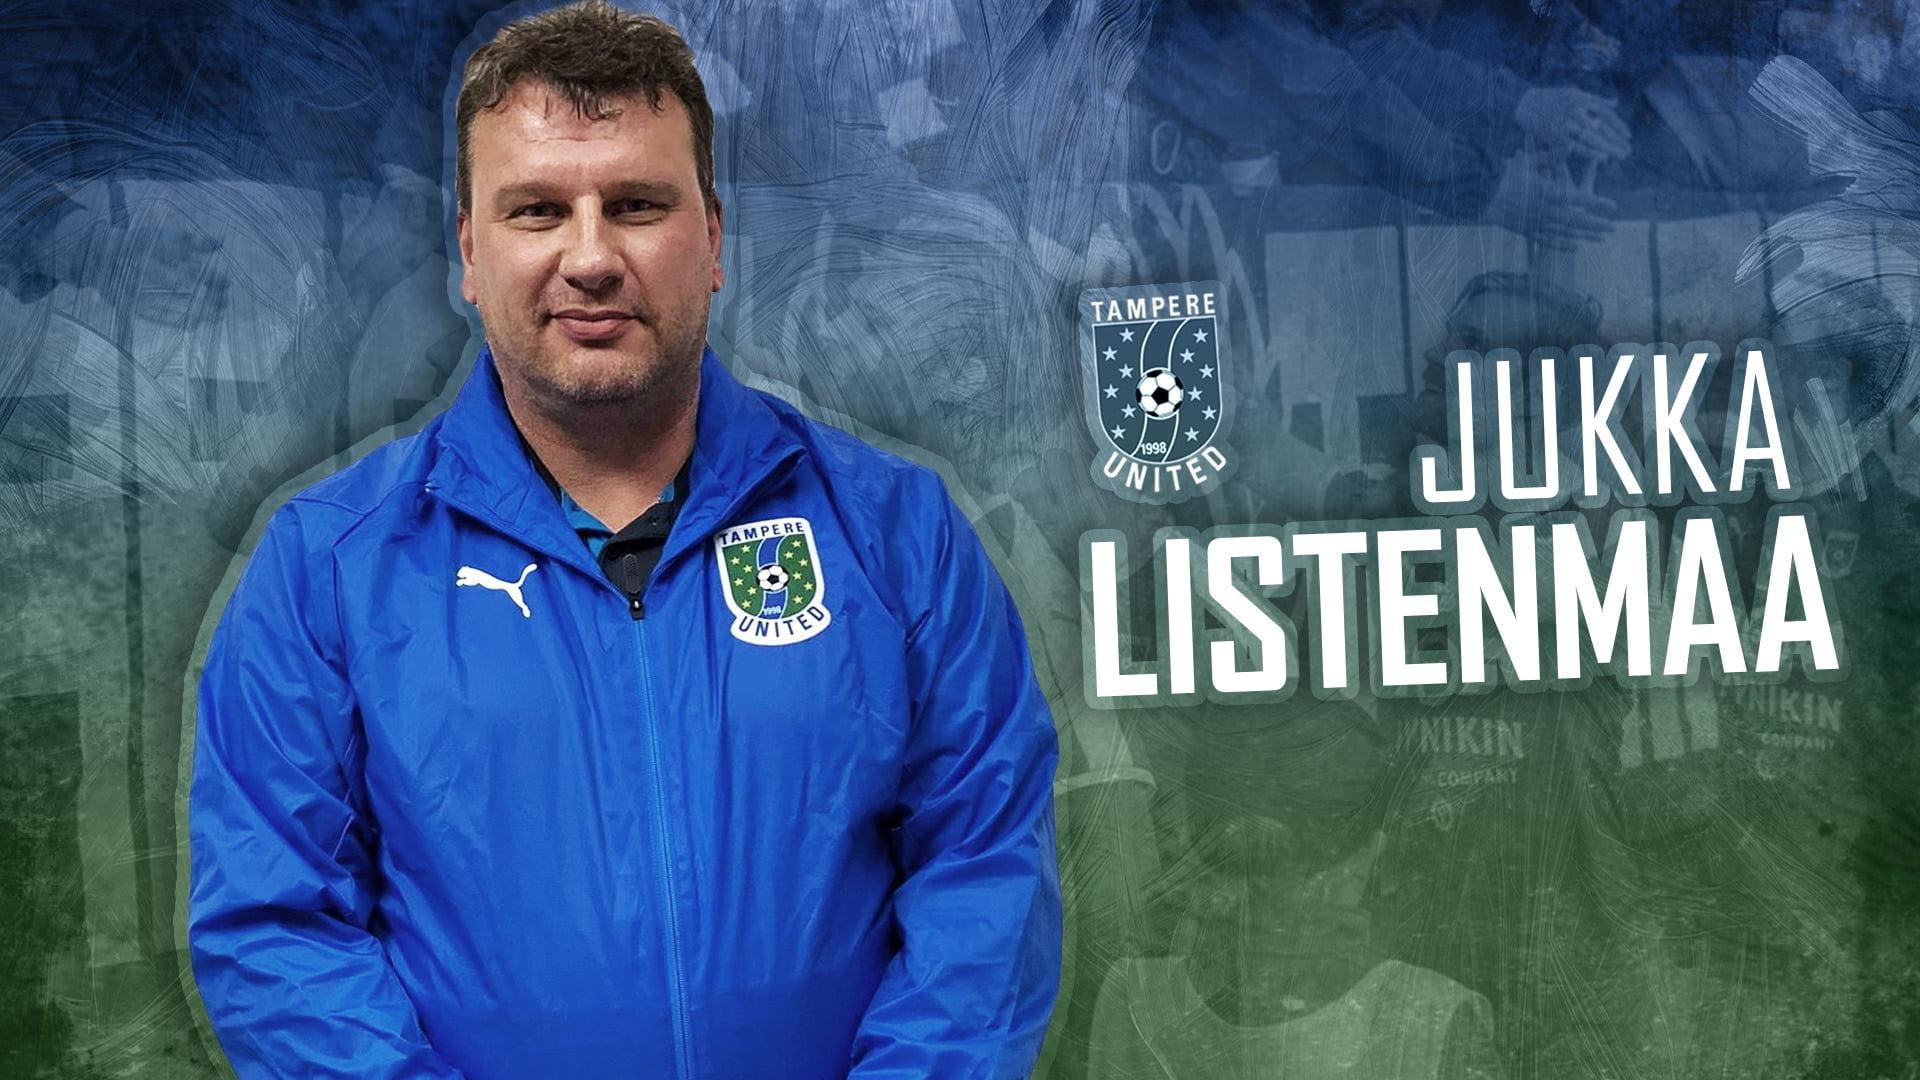 Jukka Listenmaa on Tampere Unitedin uusi päävalmentaja -uutiskuva